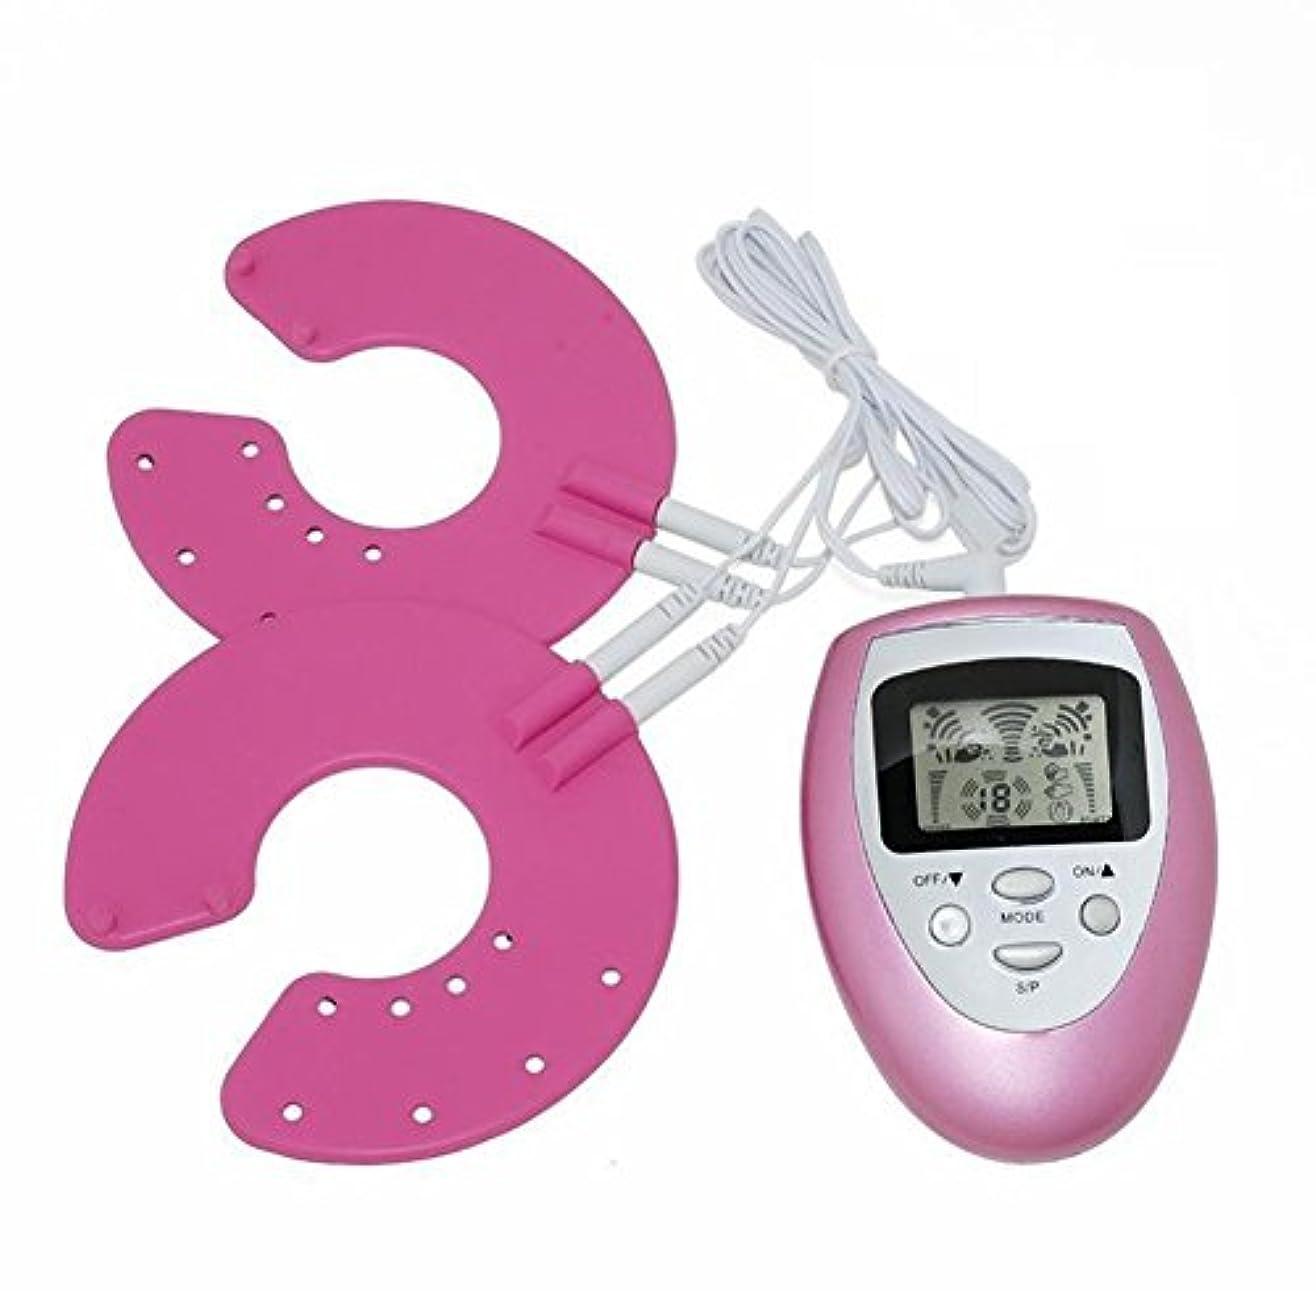 すばらしいです再現する縫い目Rabugoo 電気乳母マッサージ器セルライトマッサージパッドツール乳房拡大成長刺激装置